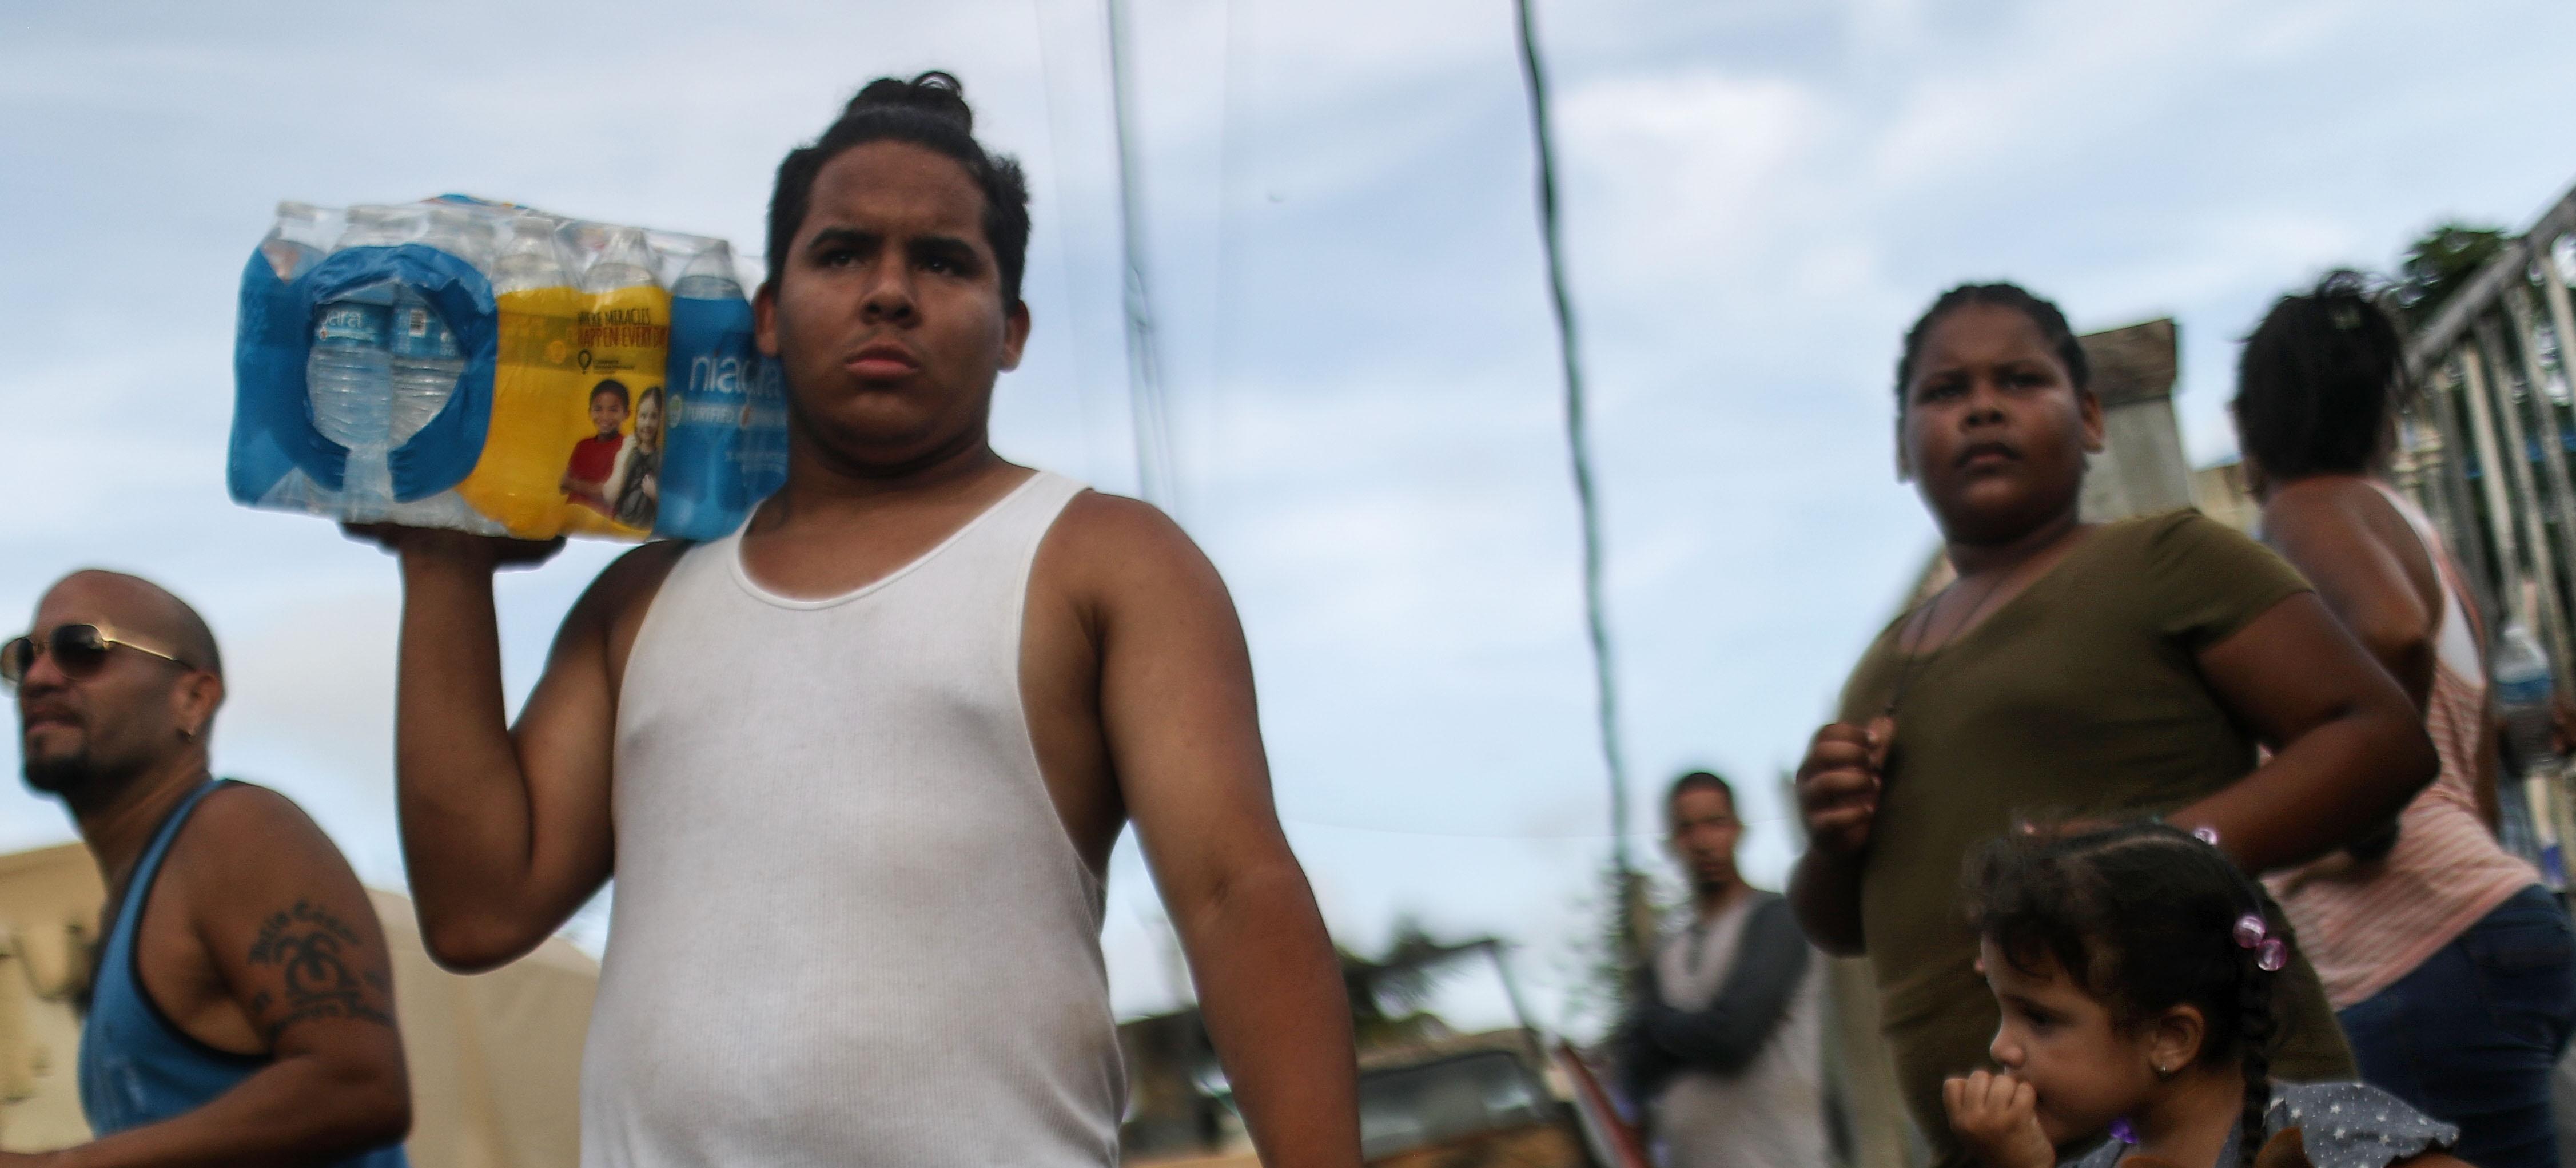 How FEMA F*cked Over Puerto Rico